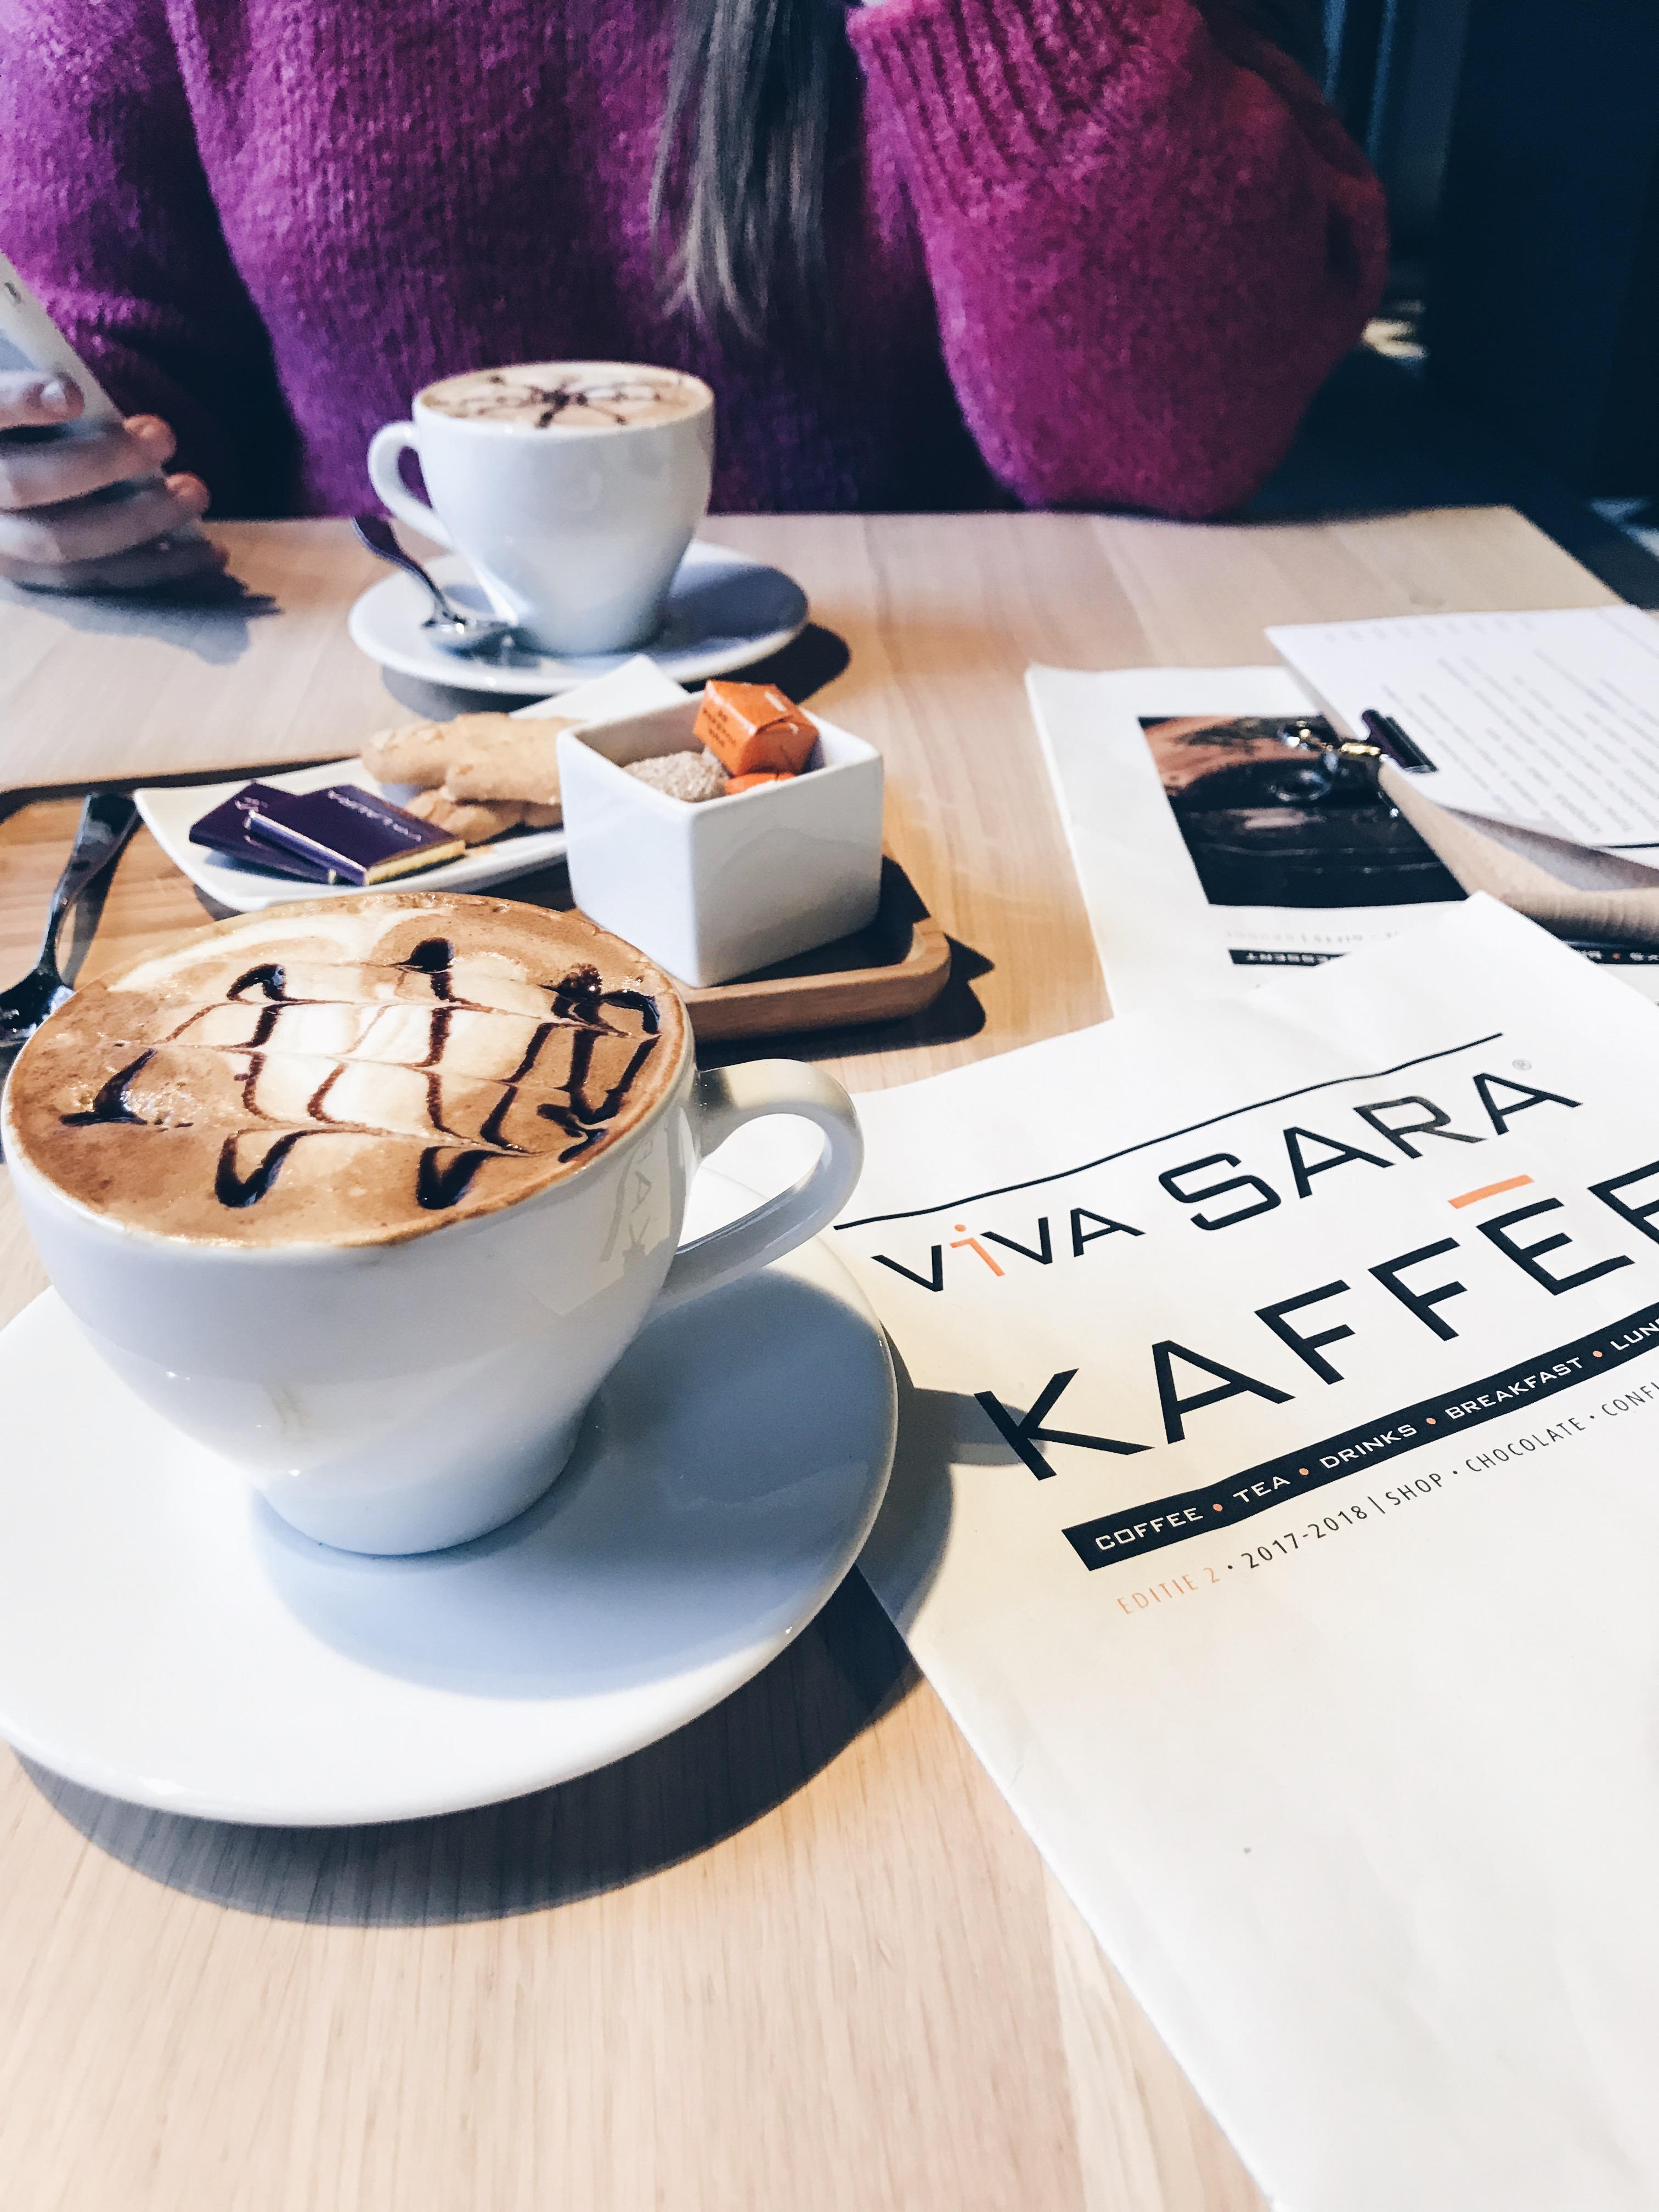 VIVA SARA KAFFEE BRUGGE - KOFFIE